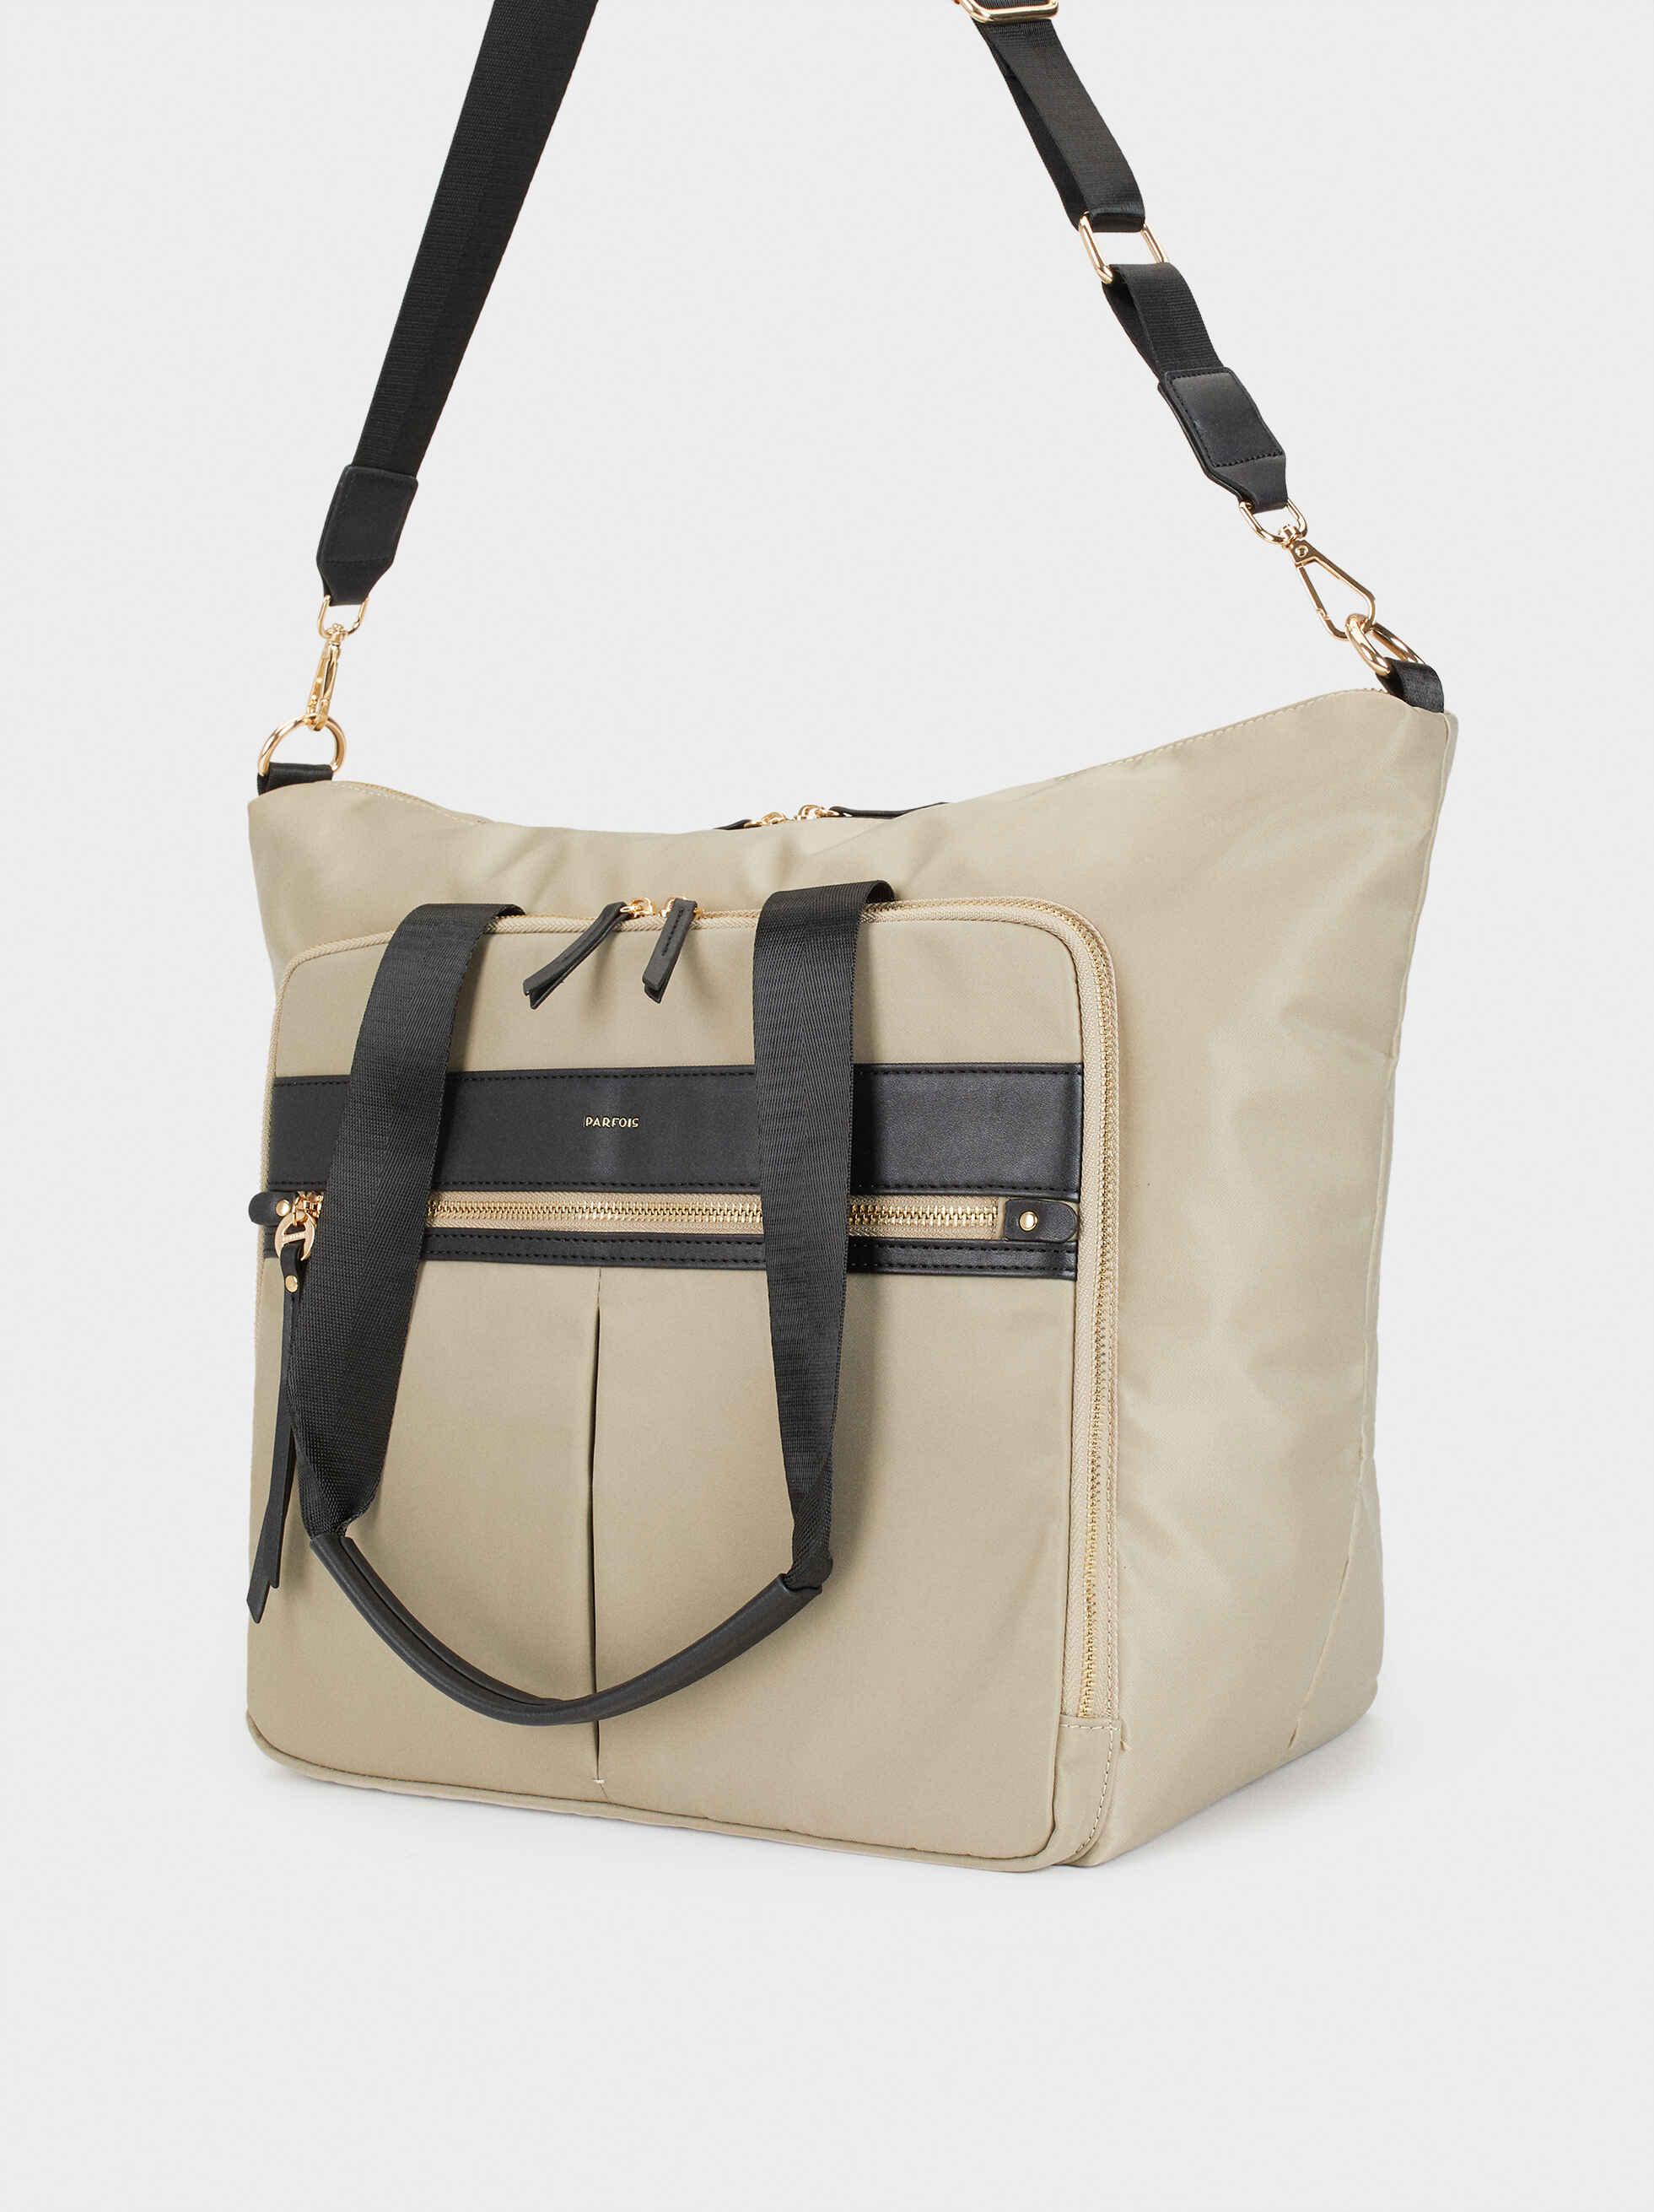 Nylon Weekend Bag, Beige, hi-res